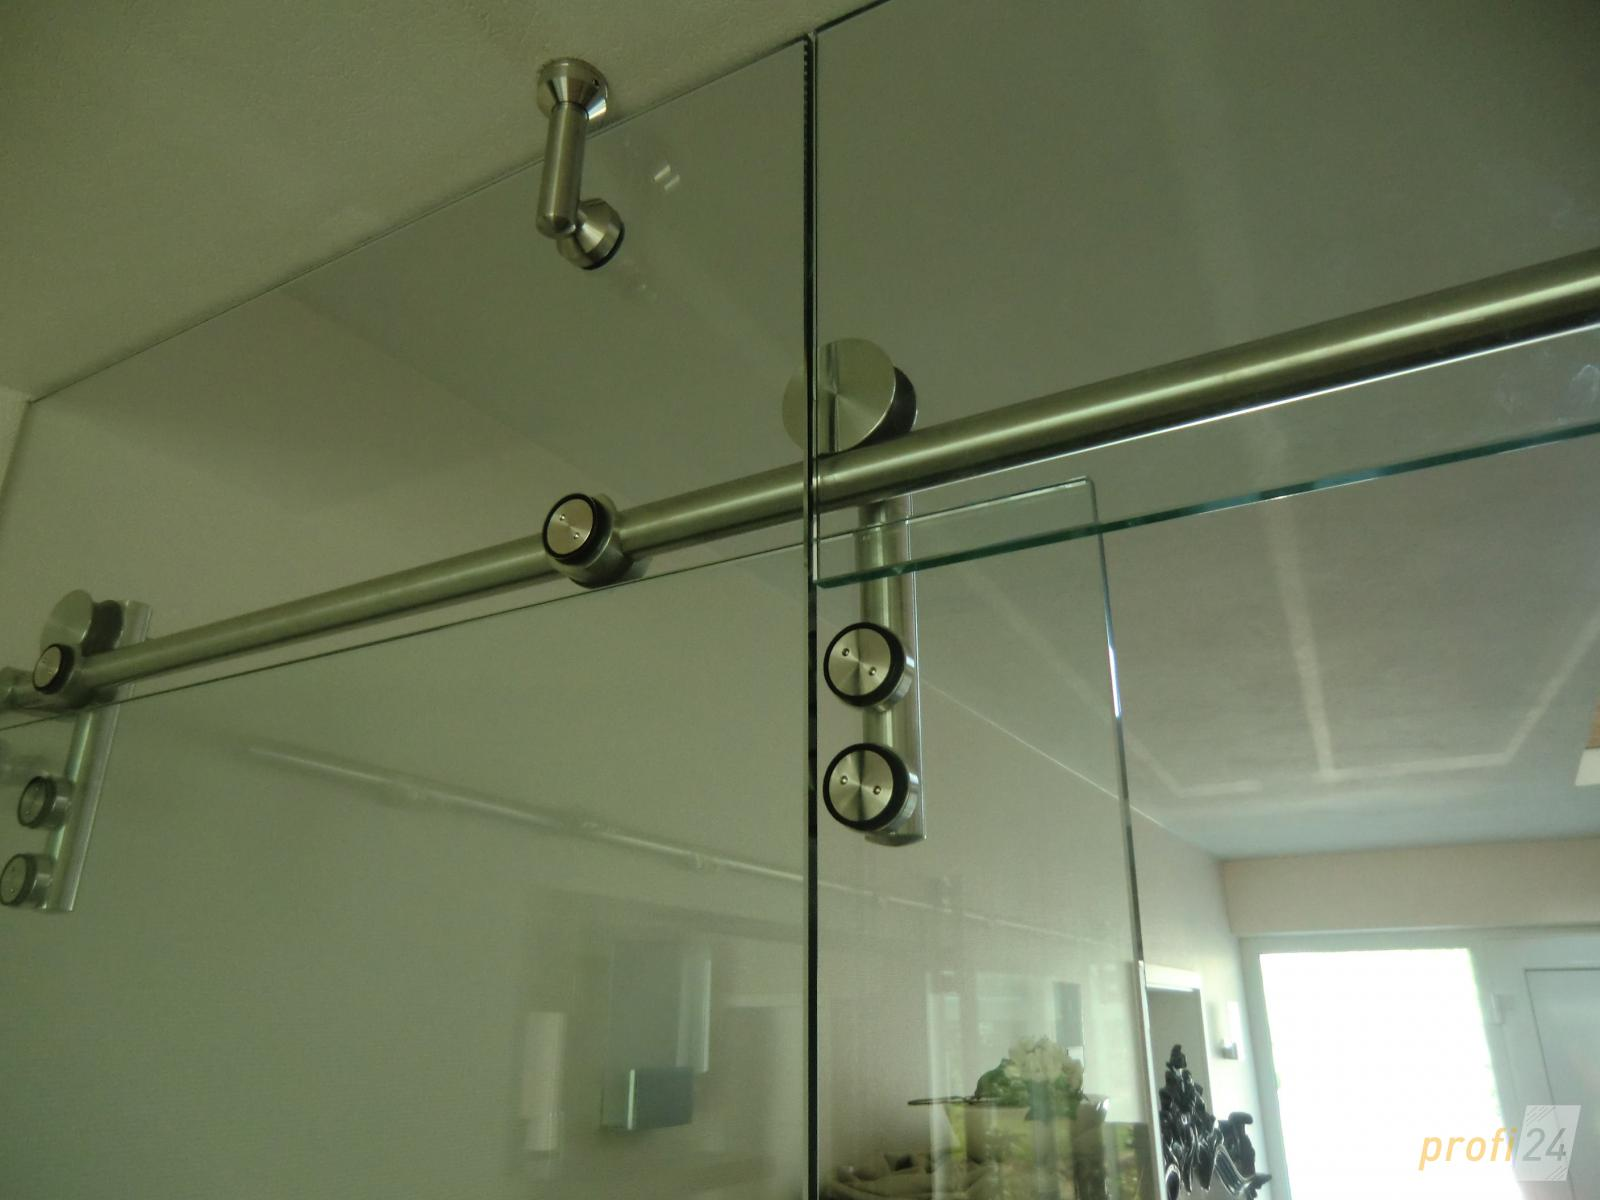 trennwand aus glas selber bauen trennwand wohnzimmer raumteiler aus holz paravent trennwand. Black Bedroom Furniture Sets. Home Design Ideas